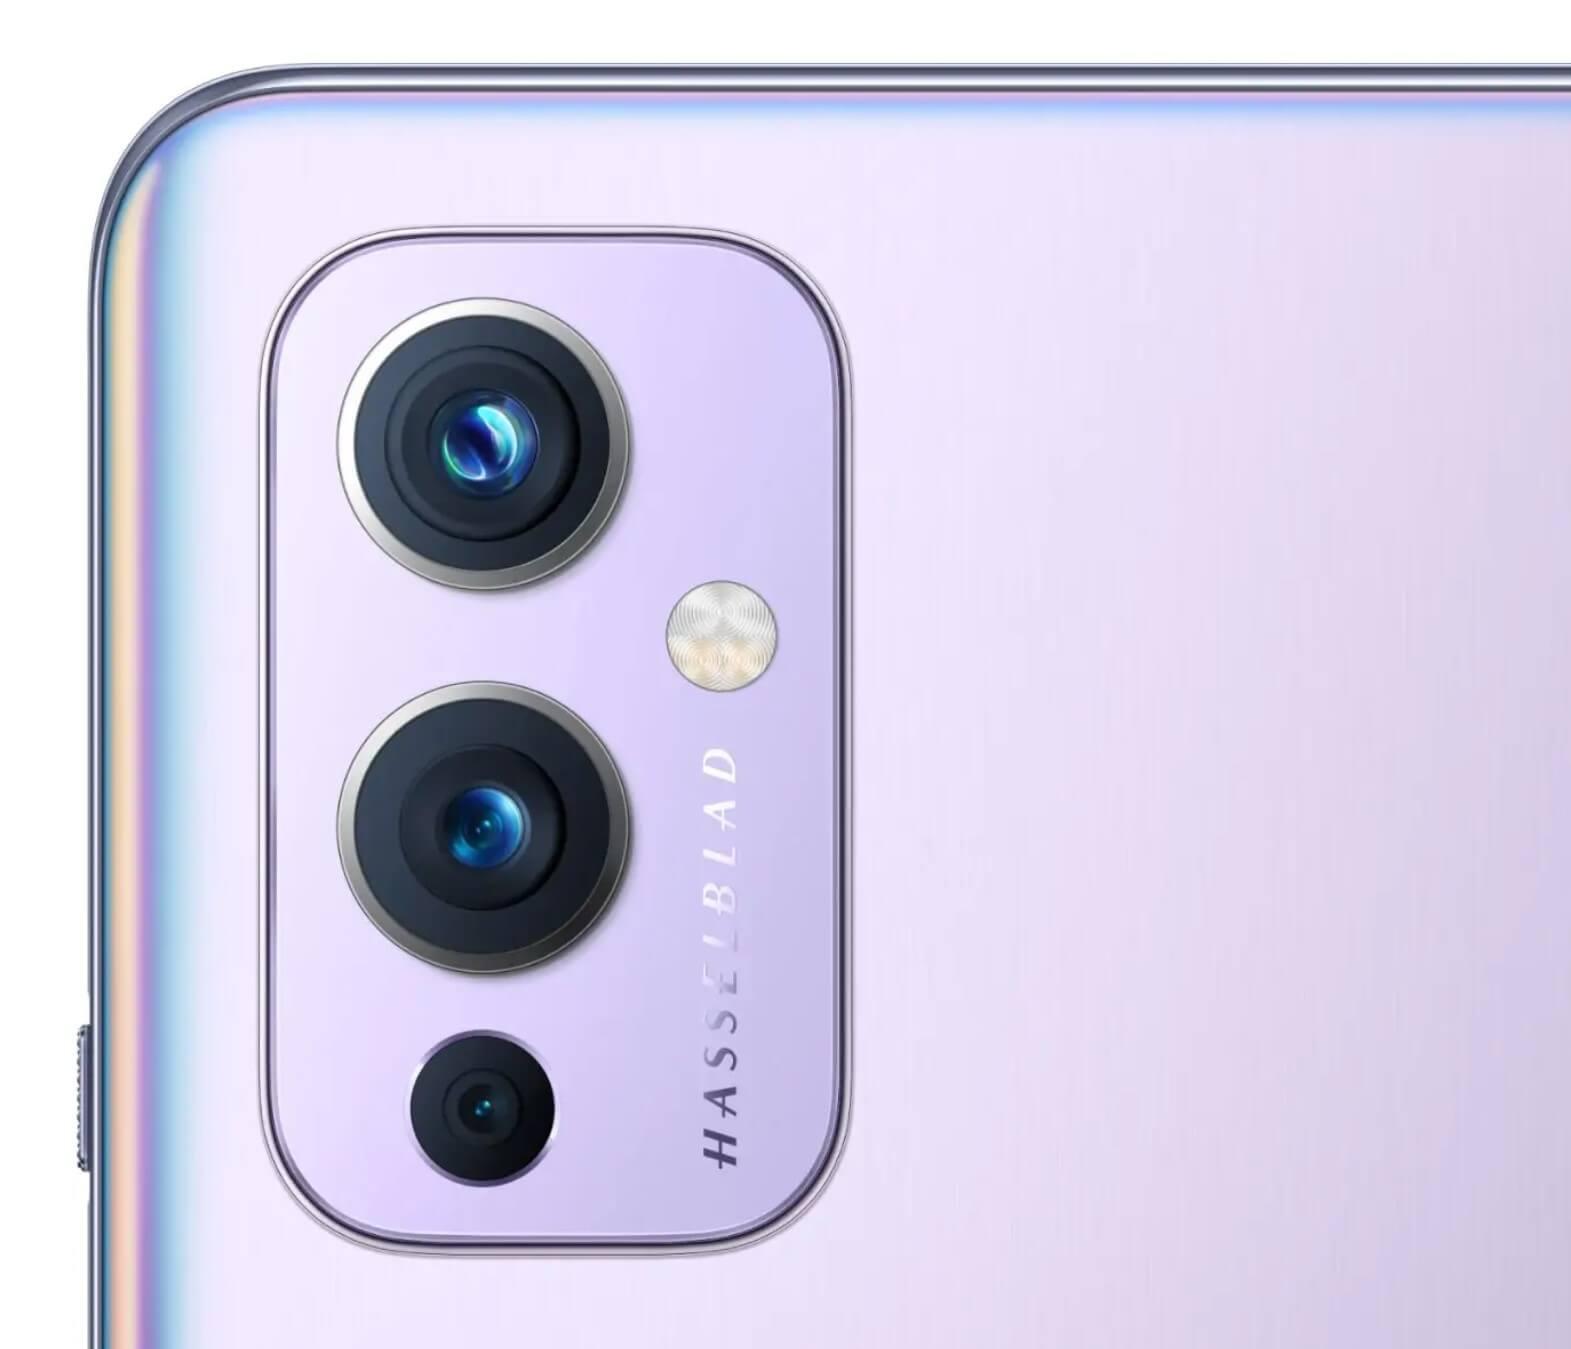 OnePlus 9はHasselblad監修のカメラを搭載